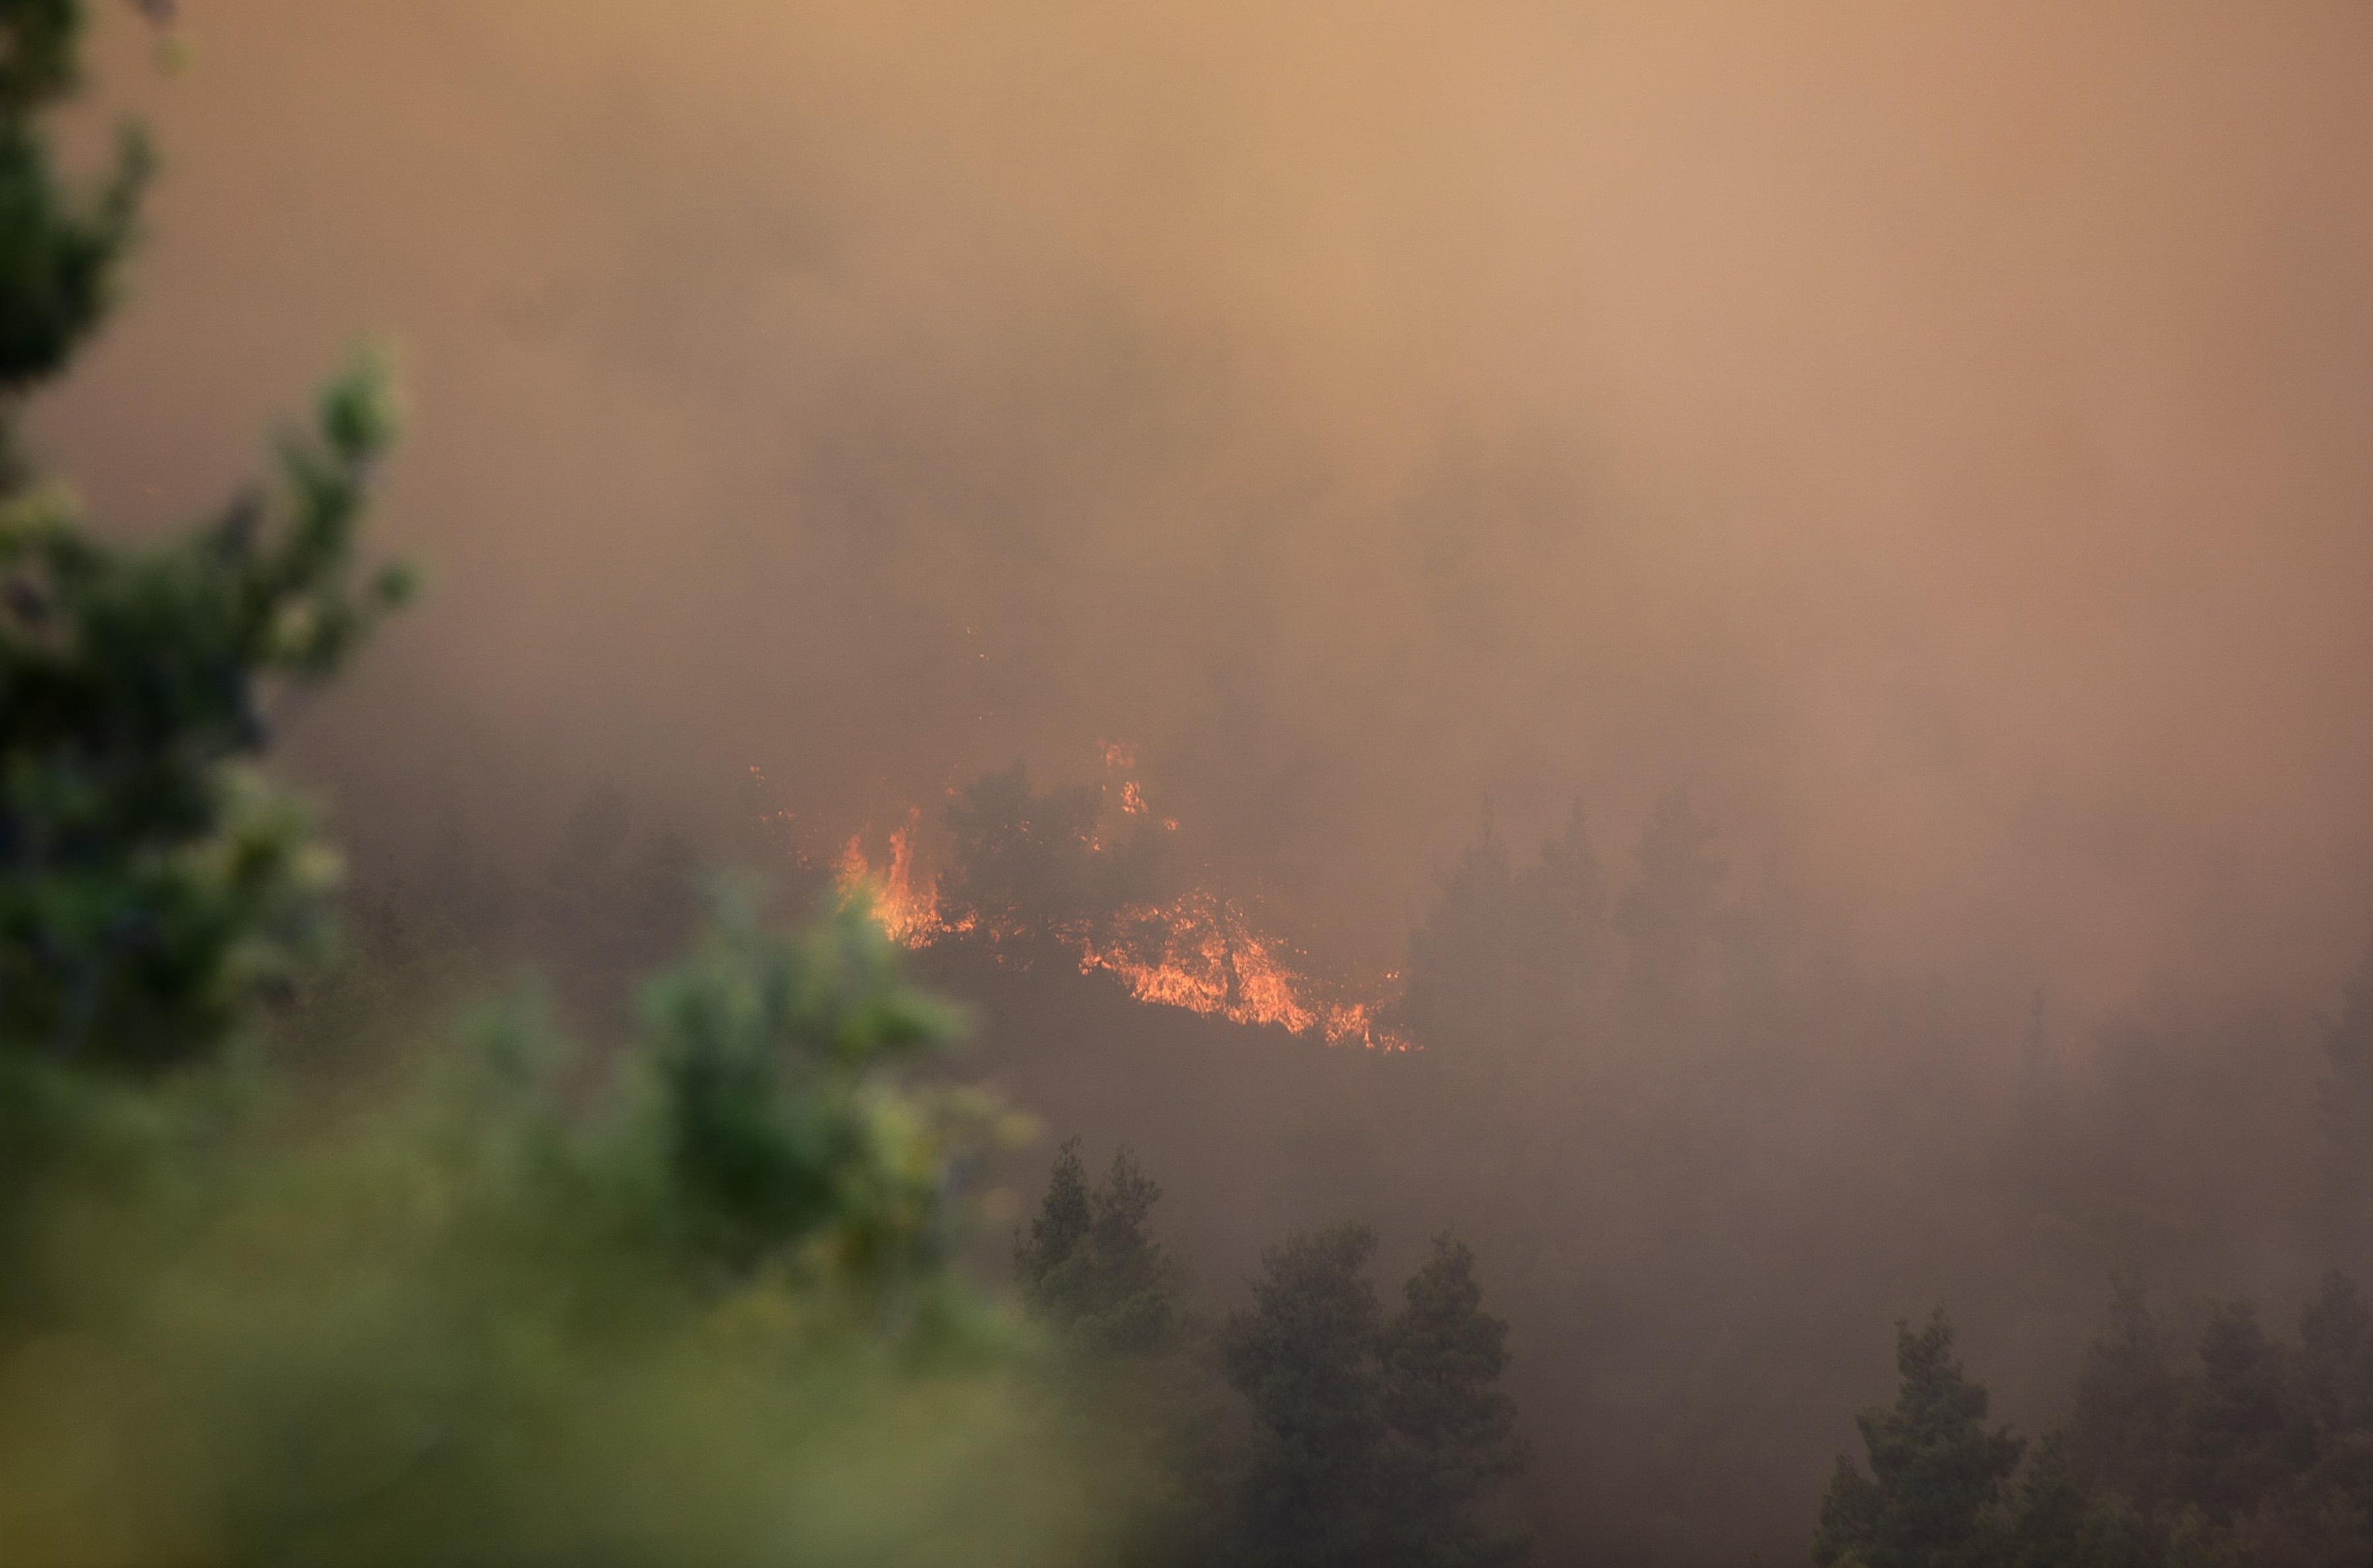 Μεγάλη φωτιά στο Δέλβινο Αλβανίας – Ζητήθηκε η συνδρομή της Ελλάδας